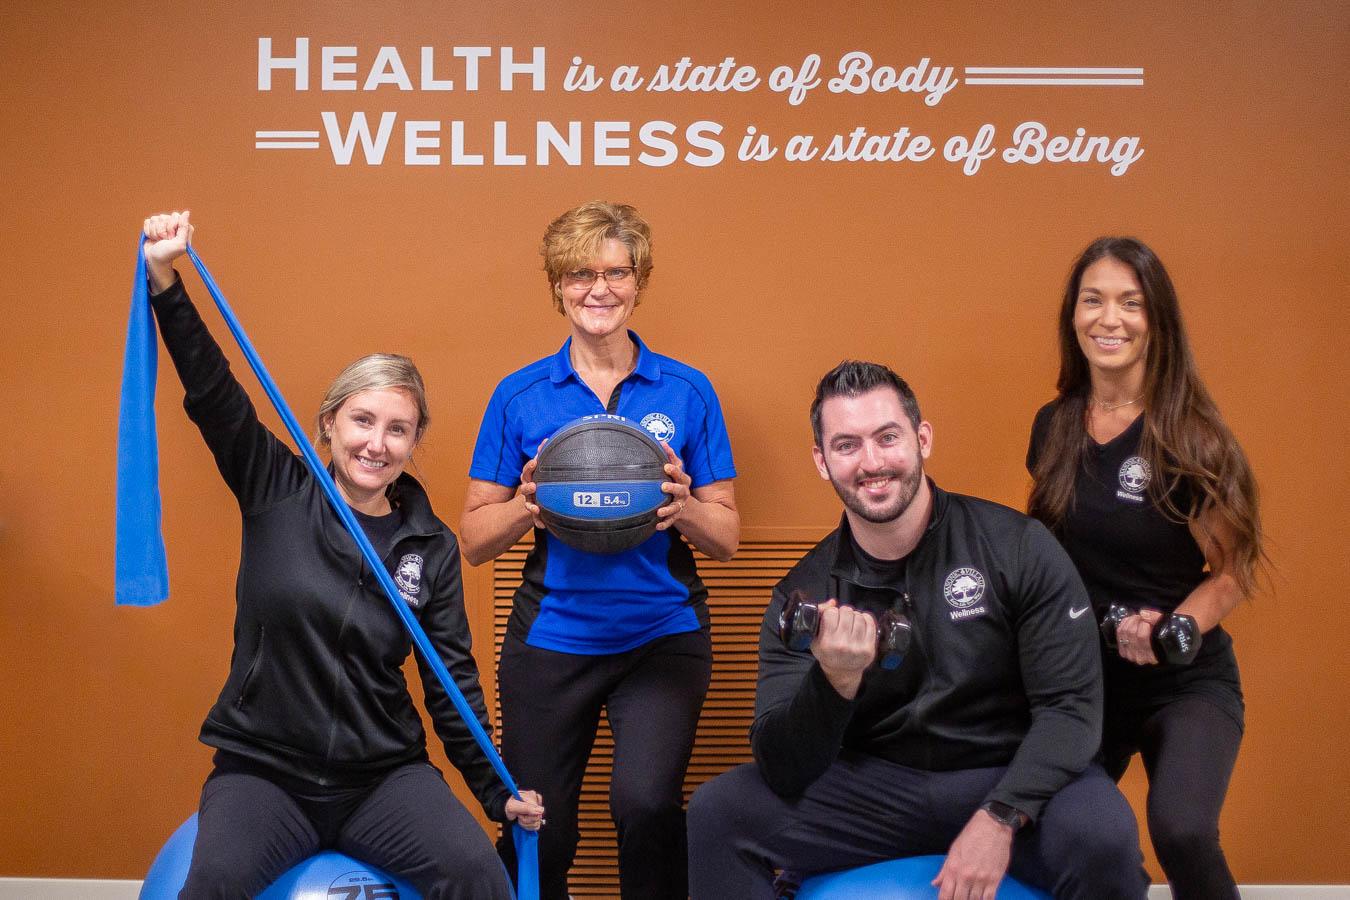 Baird Wellness Center - Meet the team